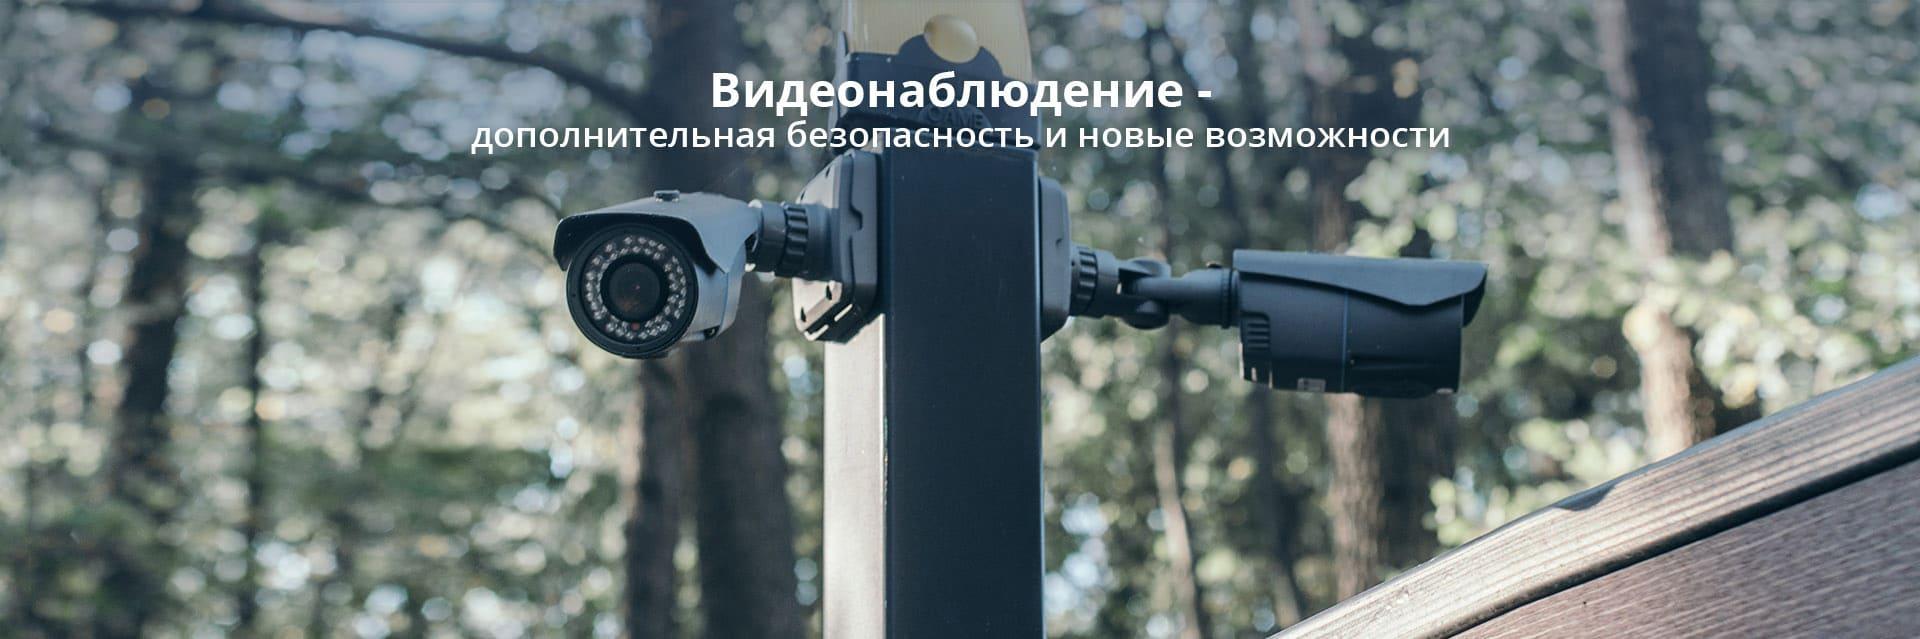 Системы видеонаблюдения Киев